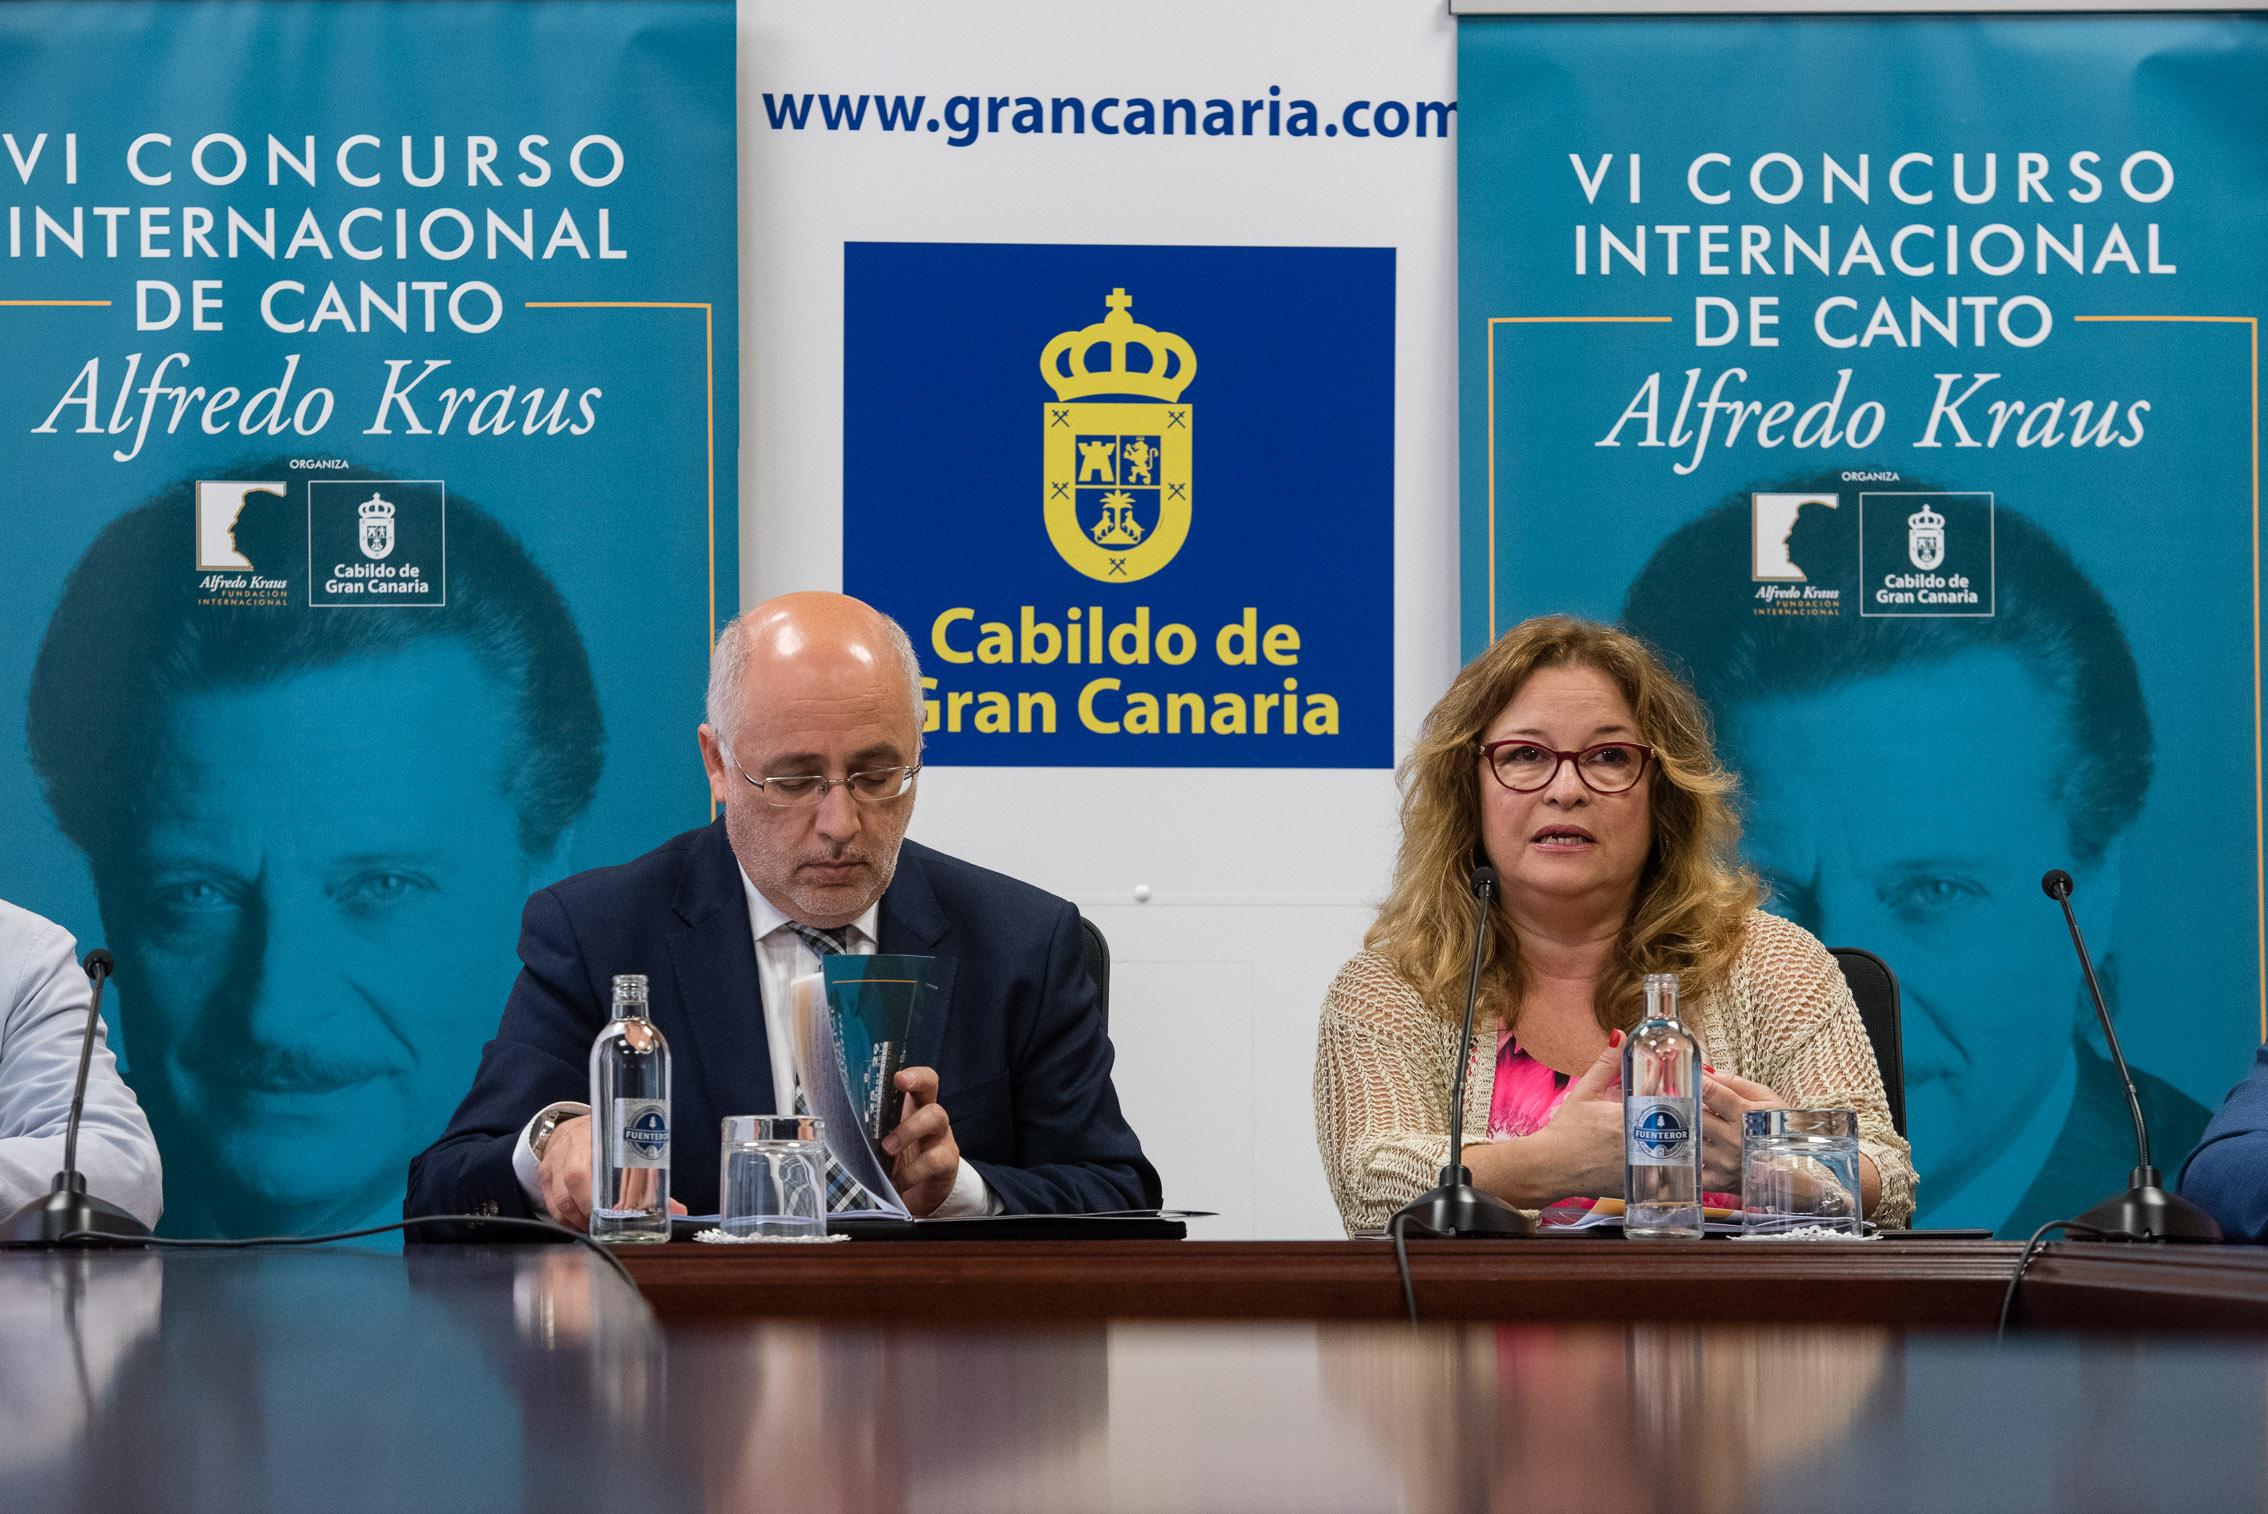 """Presentación """"VI Concurso Internacional de Canto Alfredo Kraus. 19 de mayo de 2017. La Palmas de Gran Canaria"""